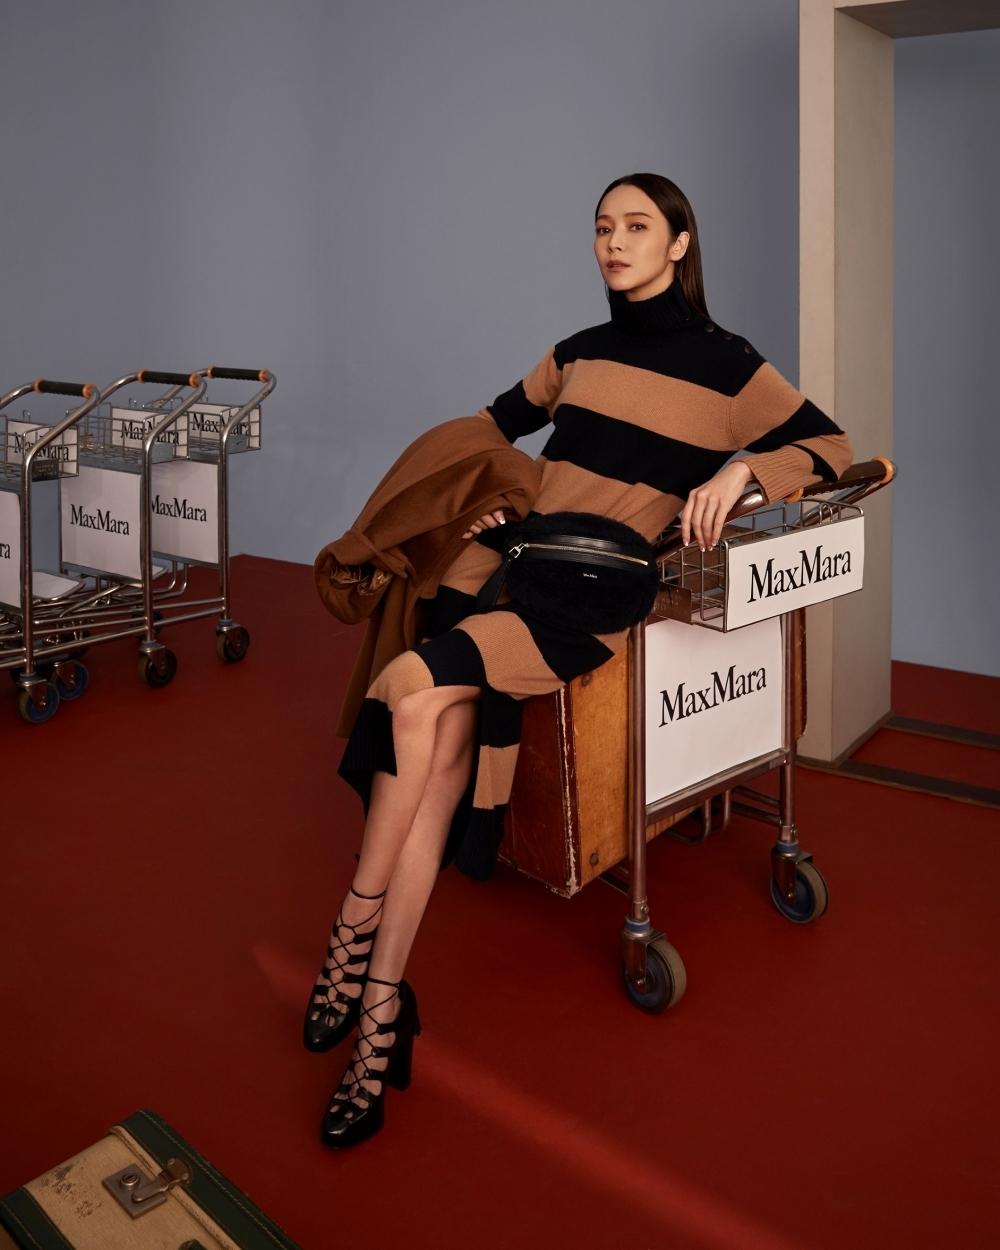 任何女孩都能找到穿搭靈感!侯佩岑、莫莉、游宇潼演繹Max Mara秋冬系列,大展跨世代女力之美